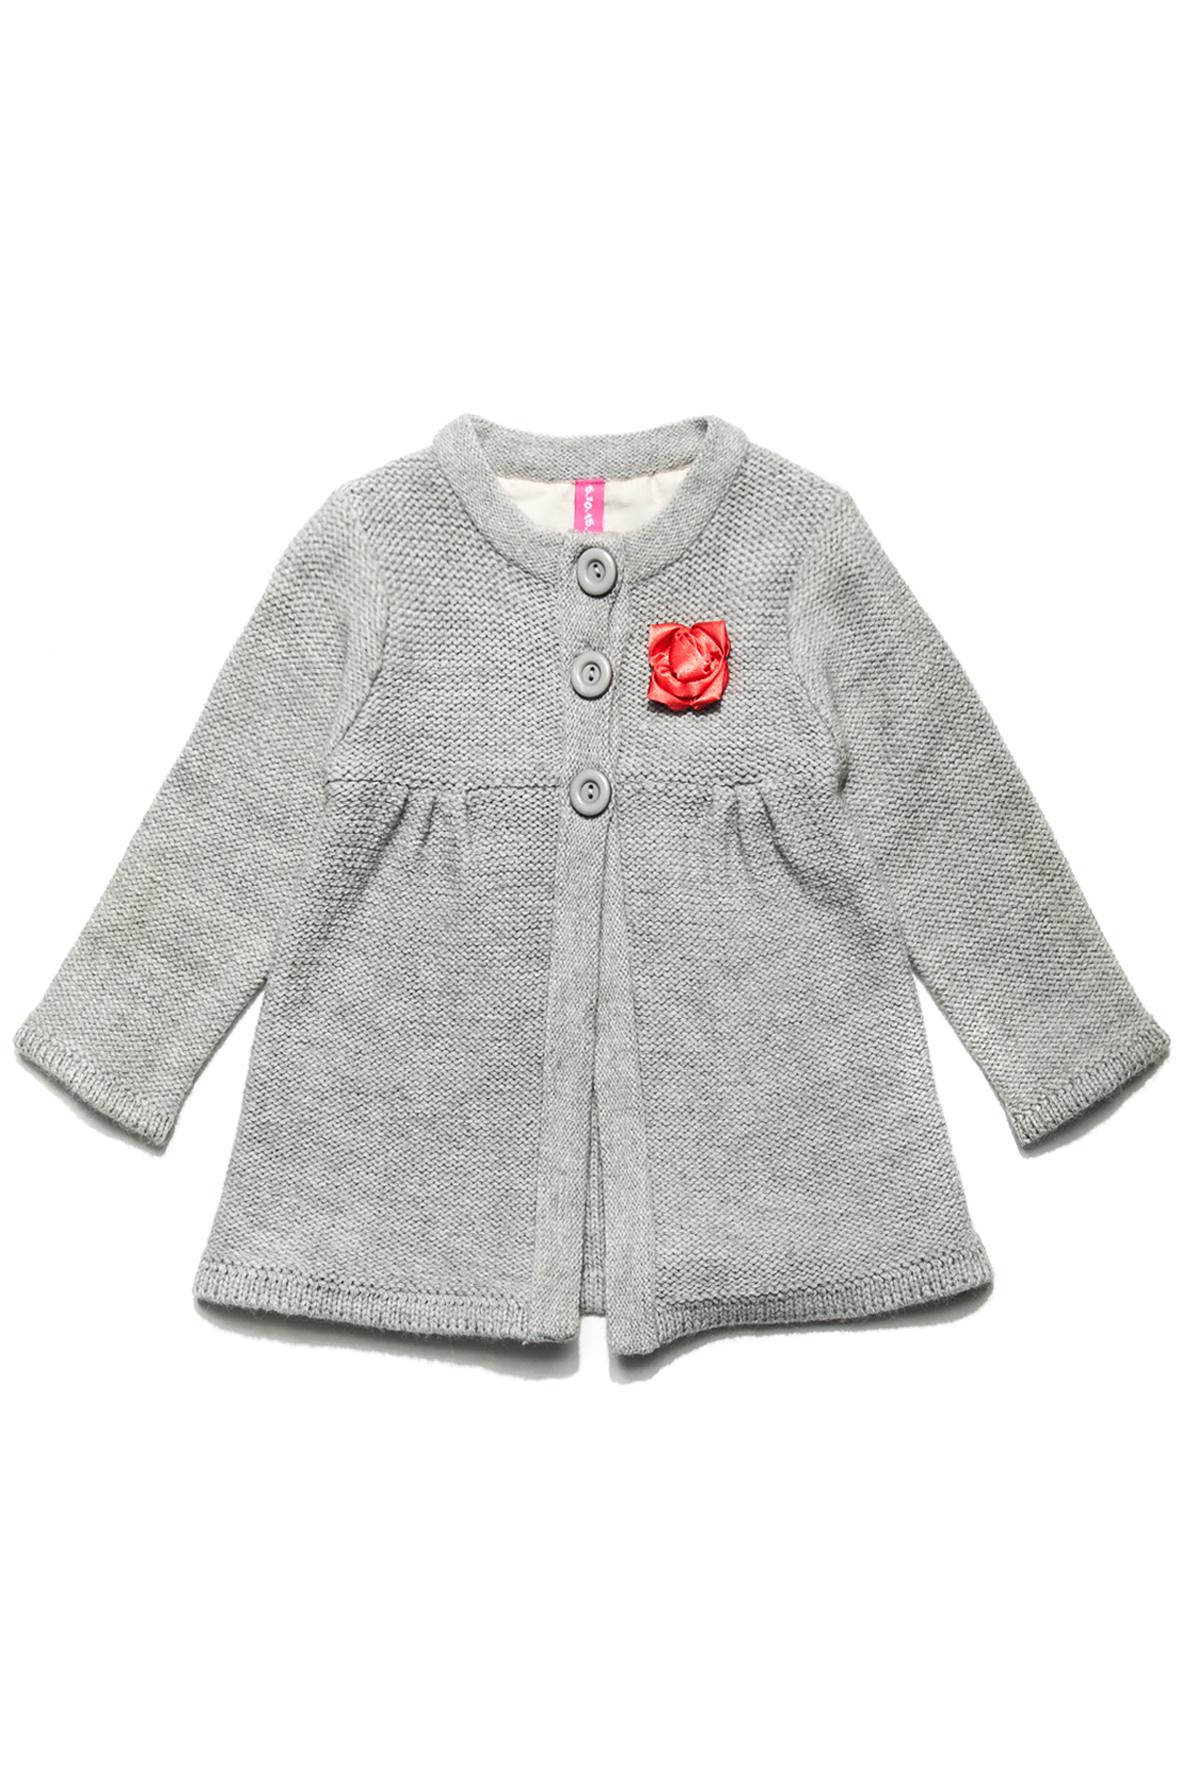 Sweterek dziewczęcy z ozdobna aplikacją (źródło: www.51015kids.eu)